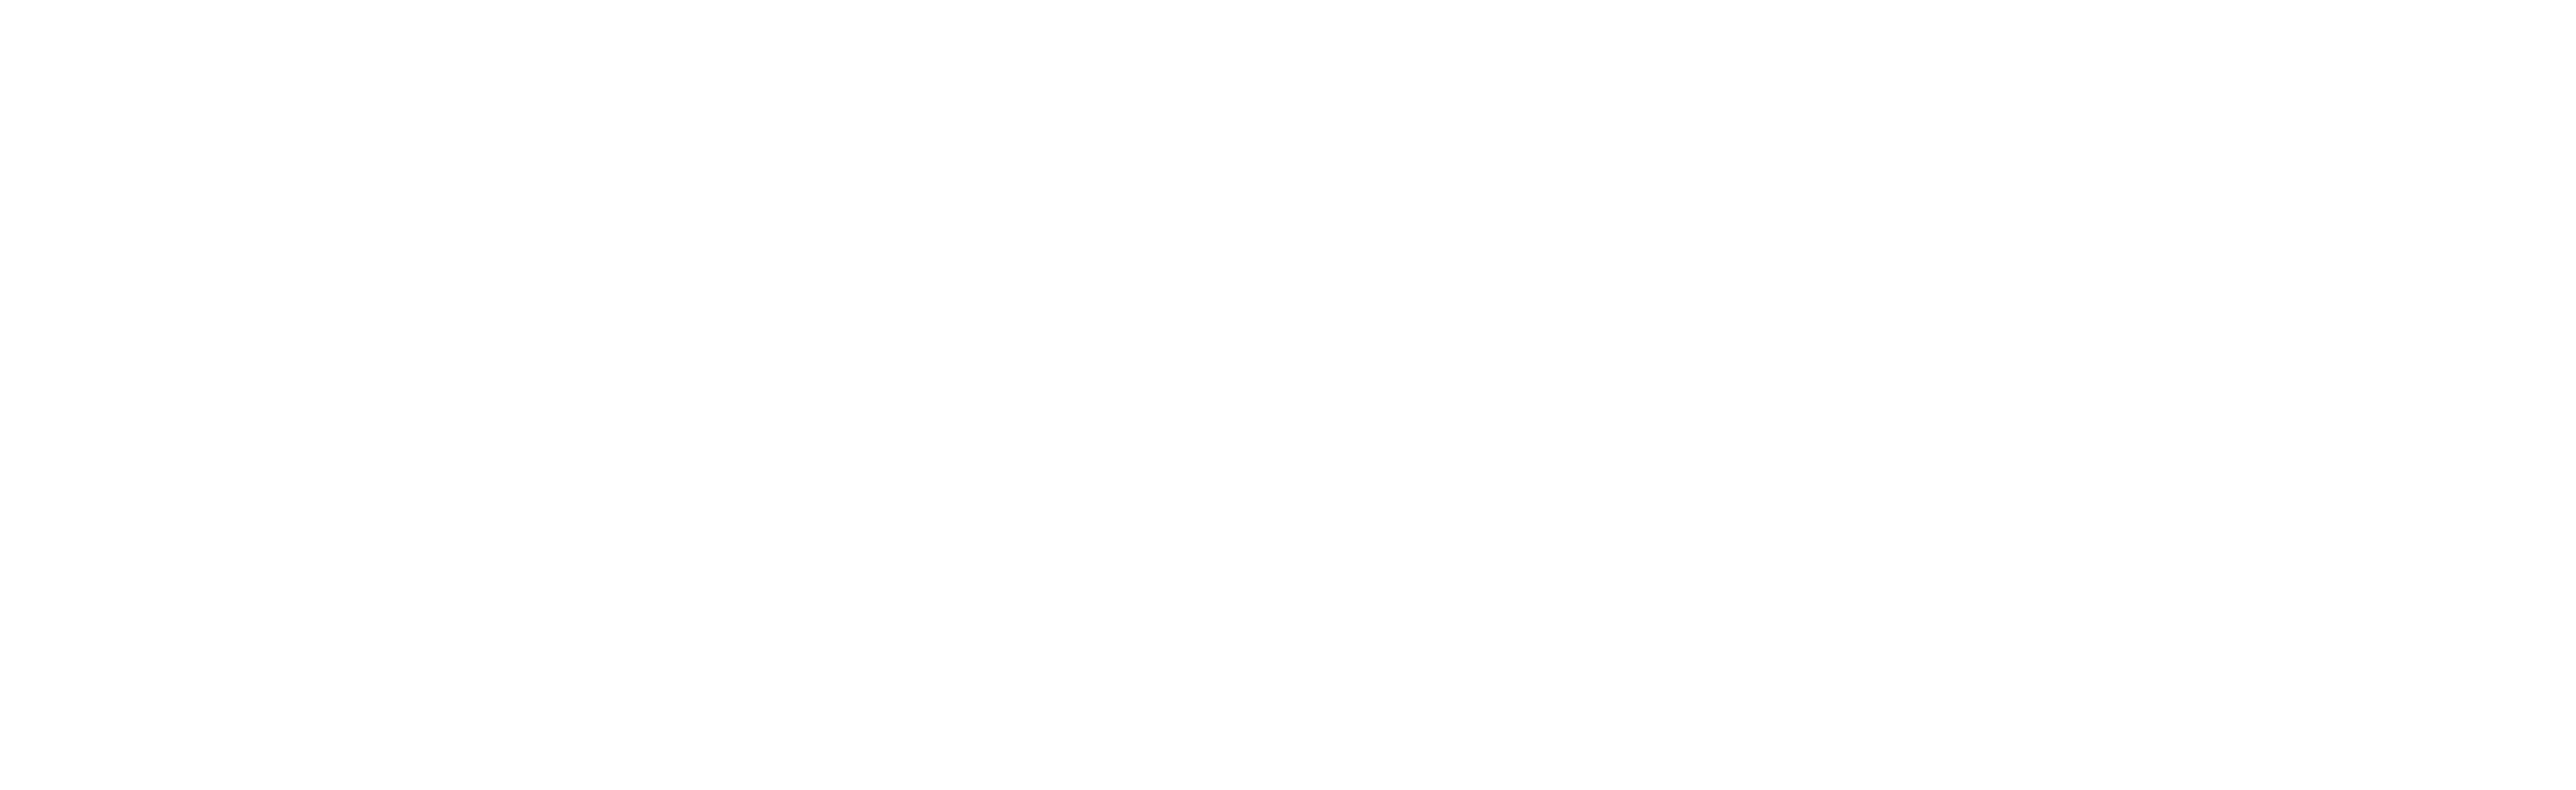 Lieferando.de Partnerblog EN